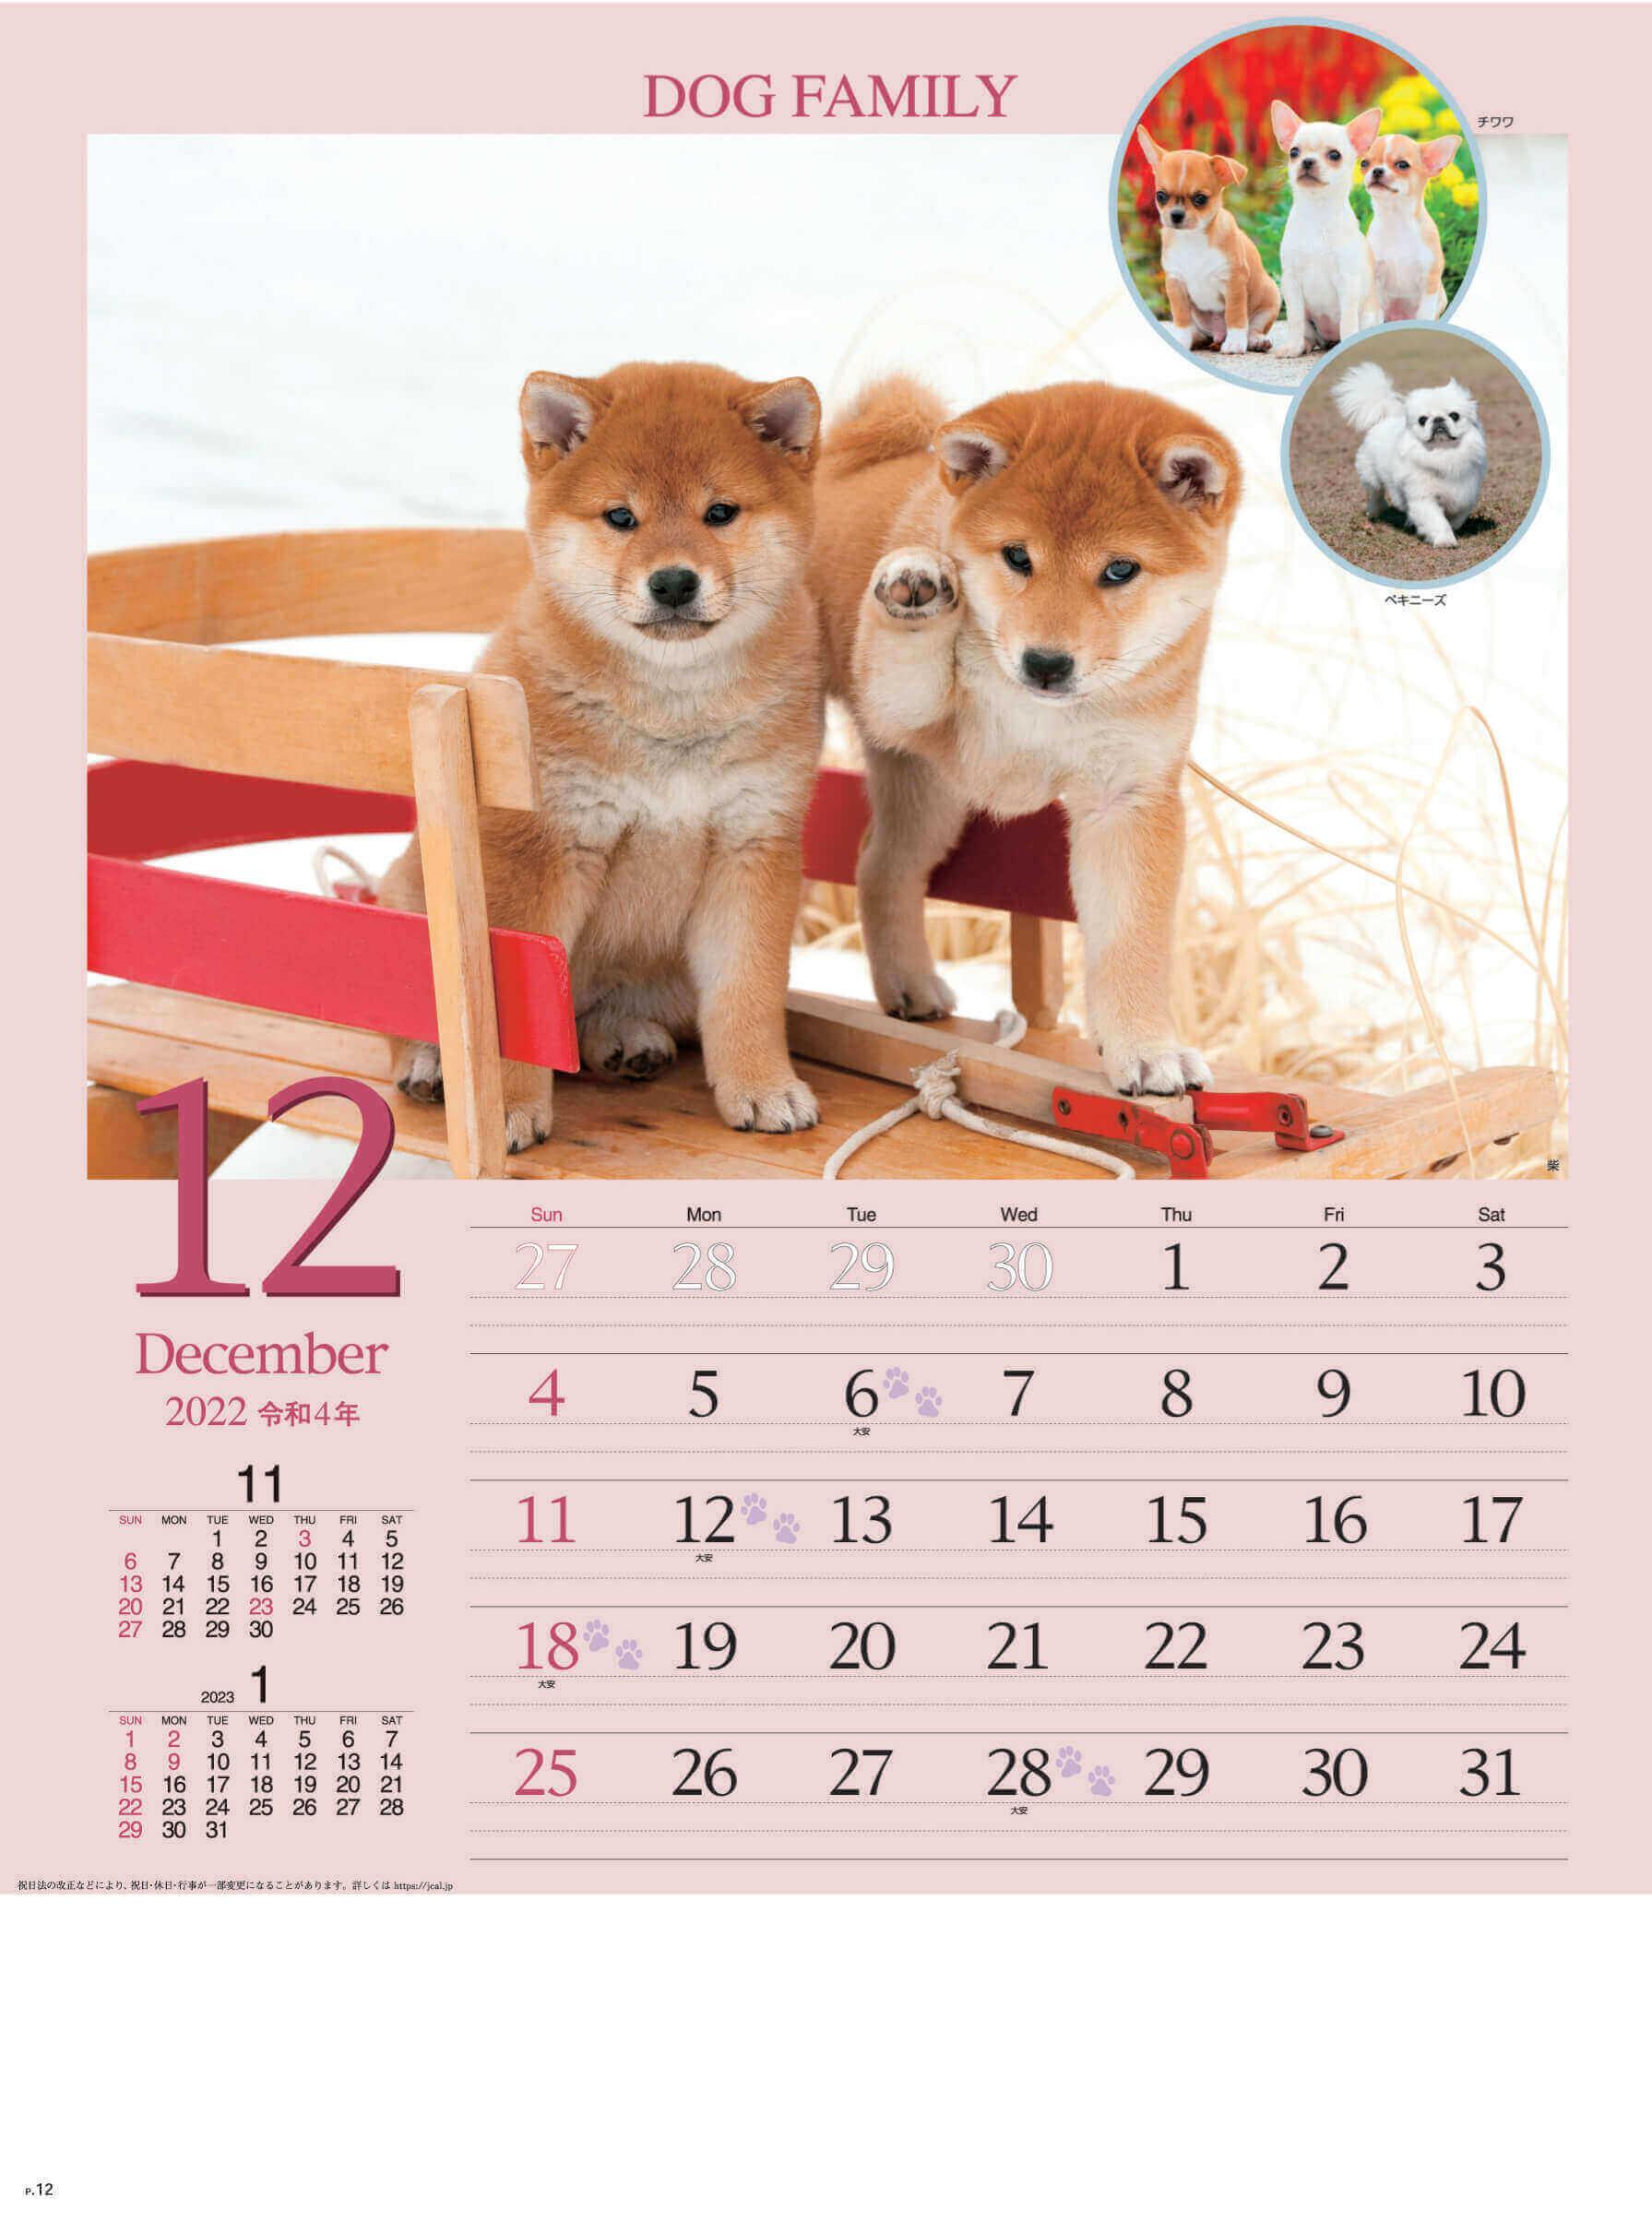 12月 柴 ドッグファミリー 2022年カレンダーの画像